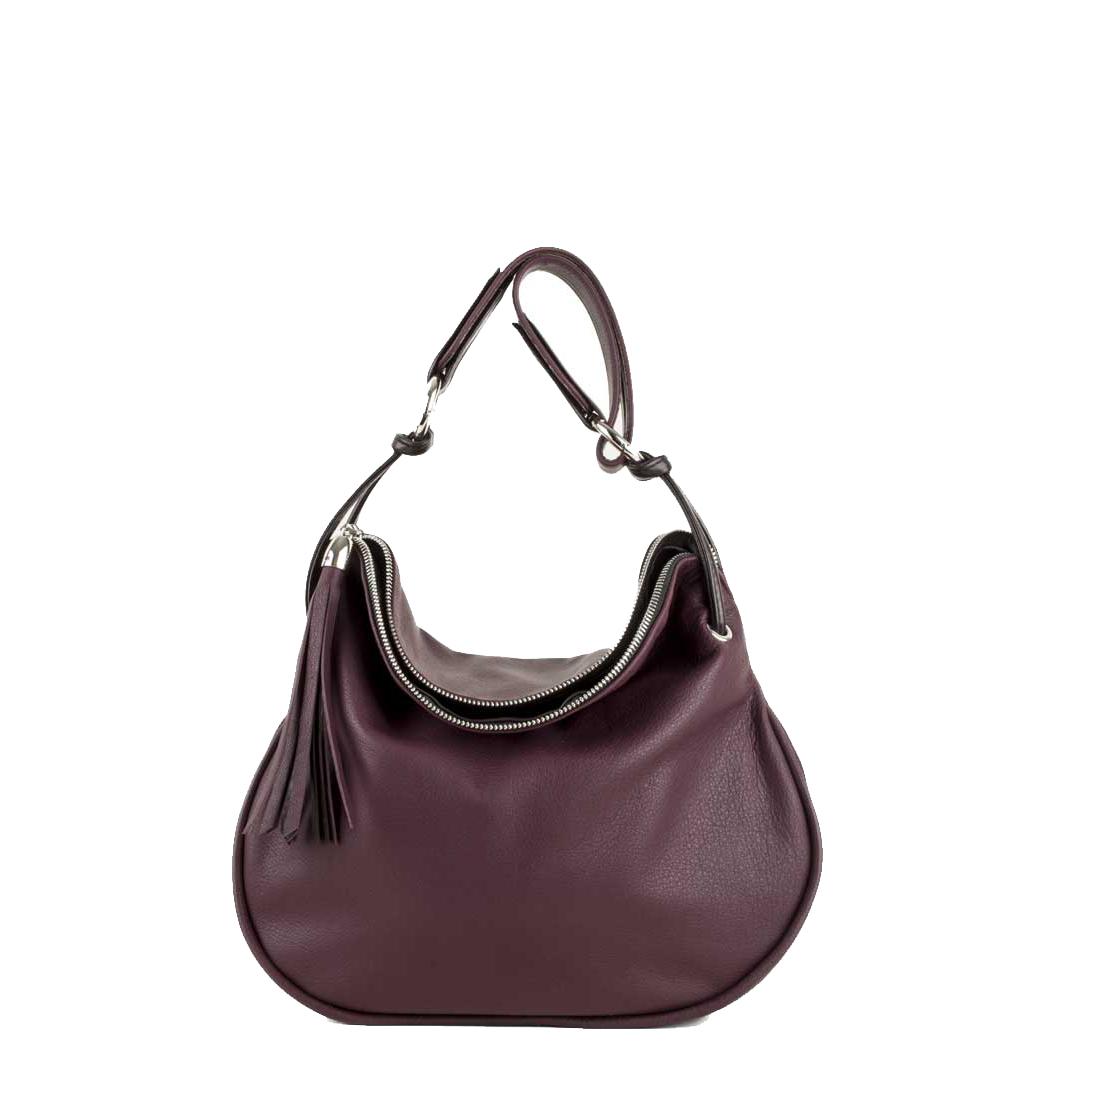 Milly Plum Leather Shoulder Bag